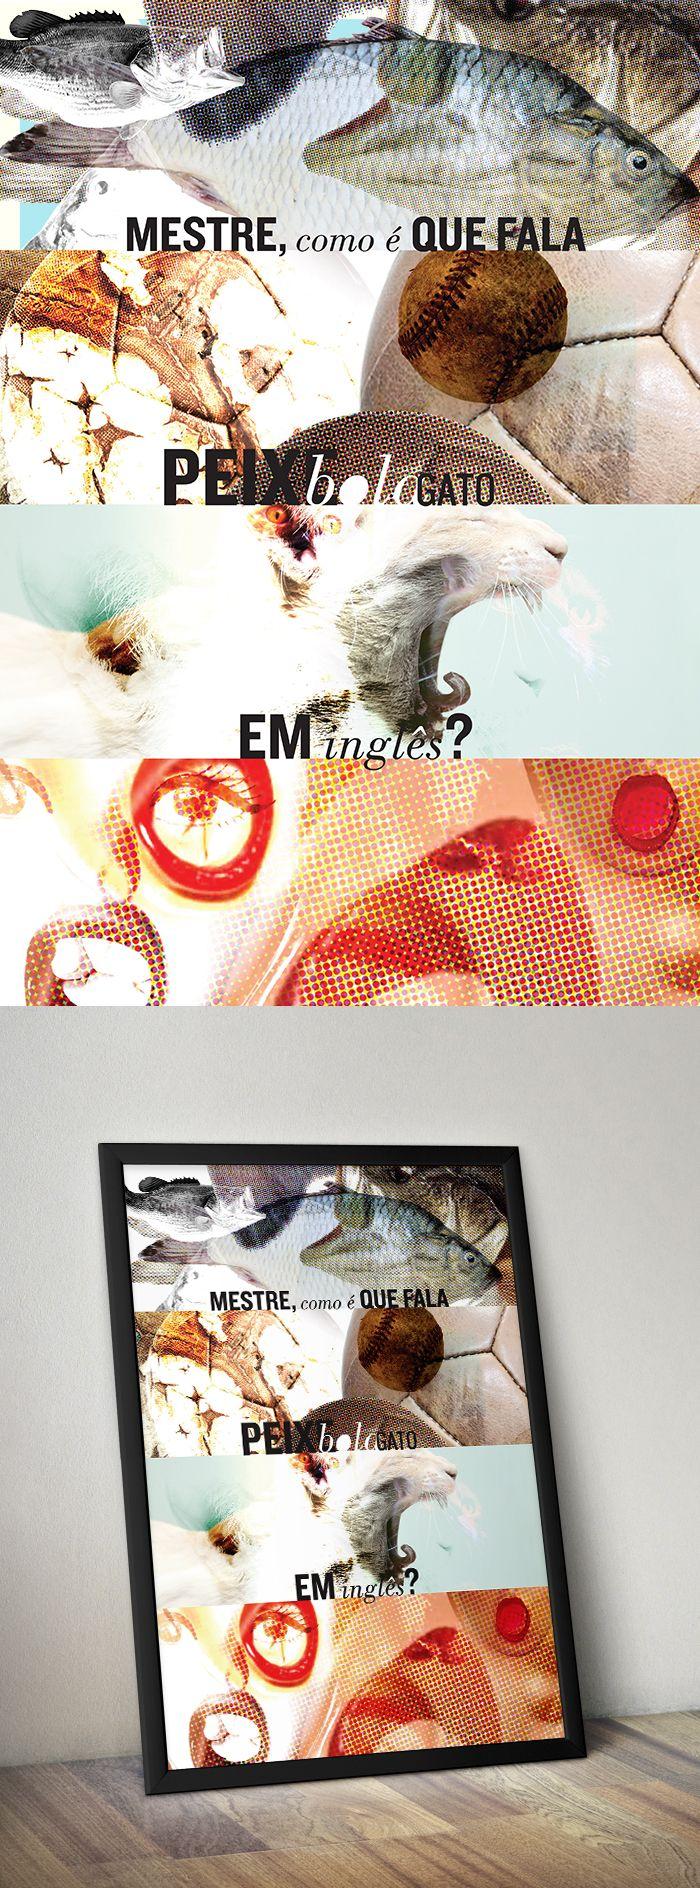 E olha lá mais um! Esse é do Rodrigo Nunes.  #poster #peixebolagato www.s6isdesign.com.br